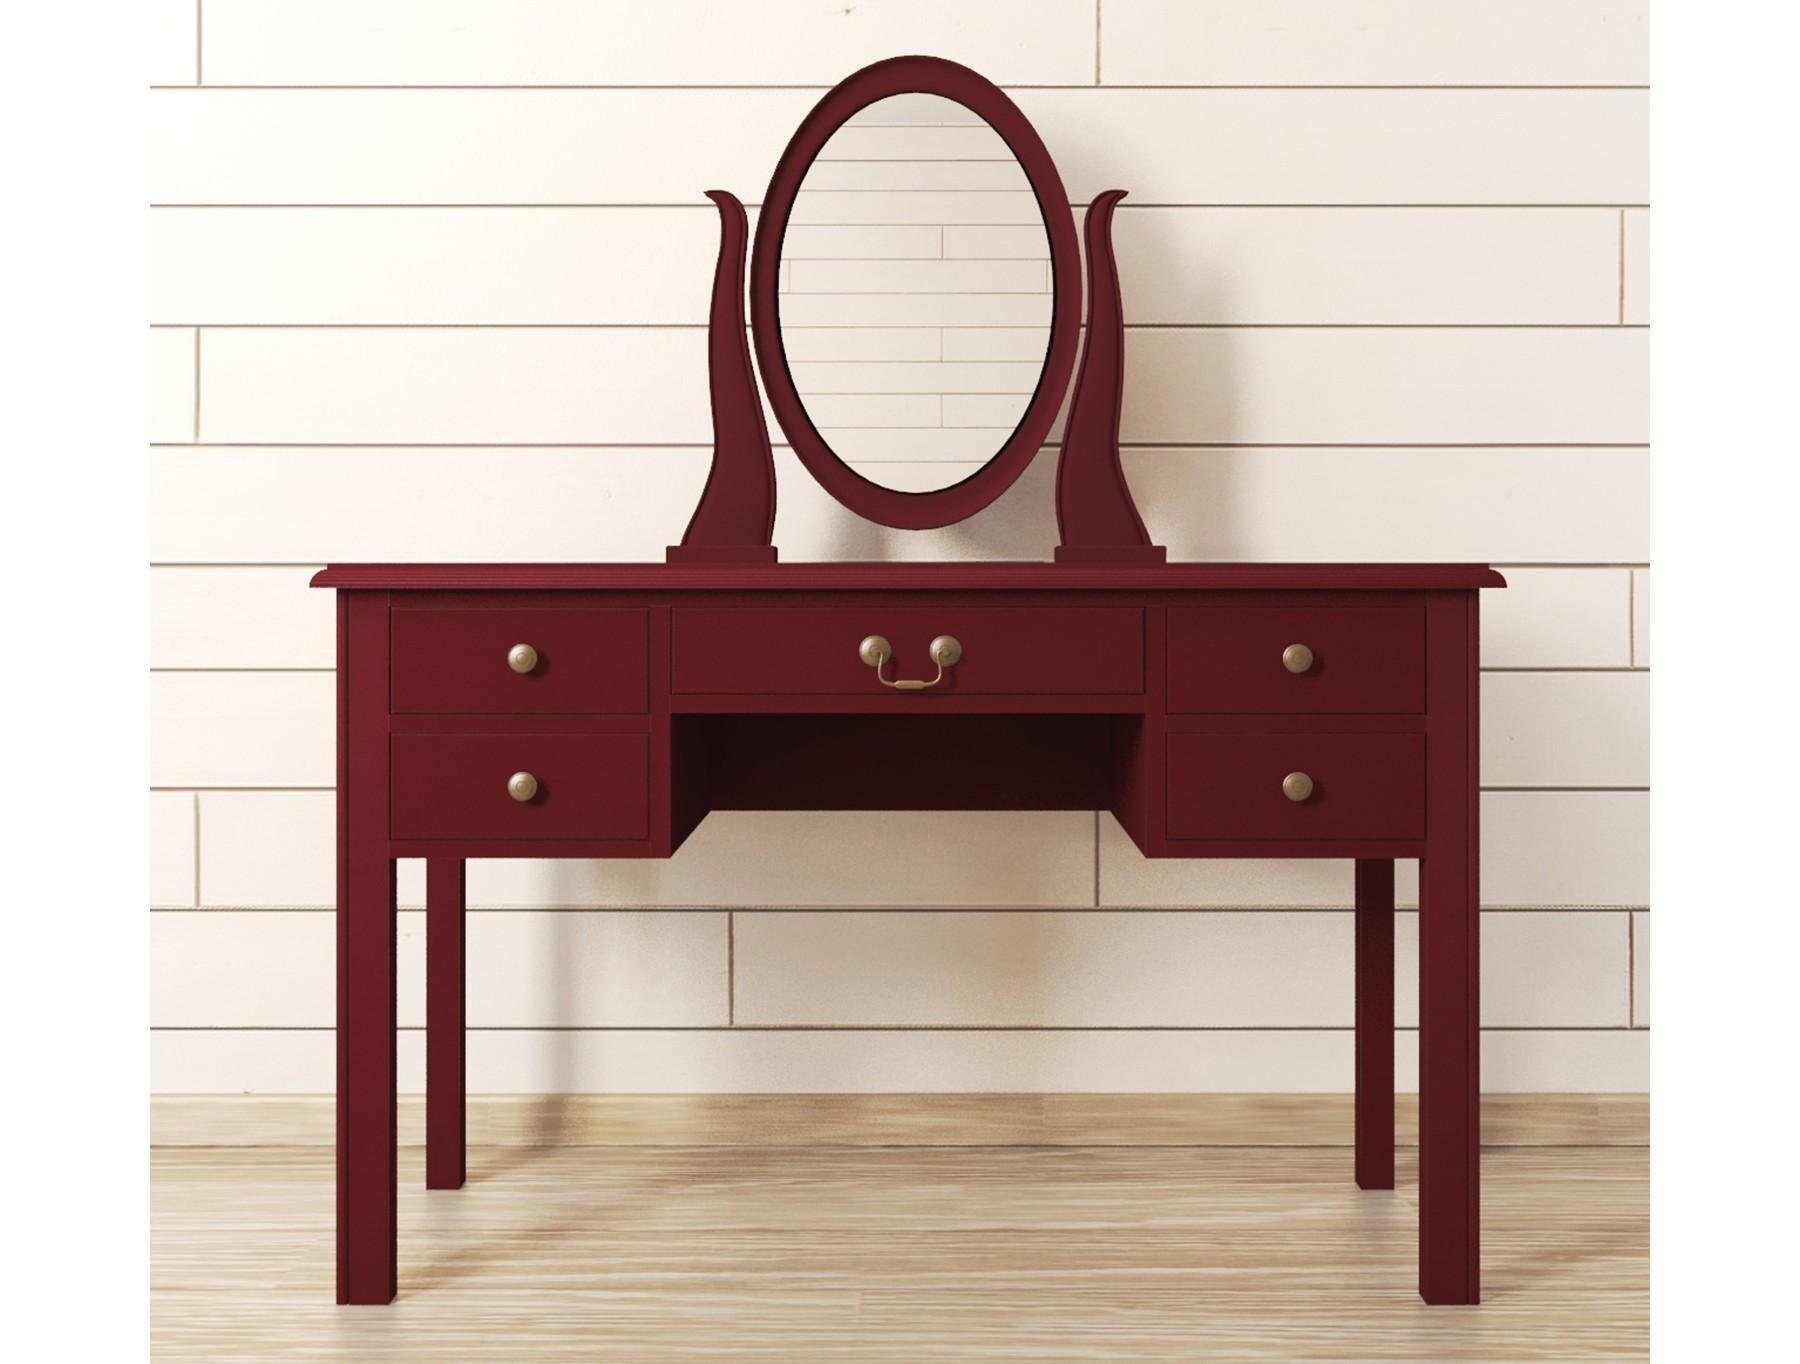 Туалетный стол BordoТуалетные столики<br><br><br>Material: Береза<br>Width см: 120<br>Depth см: 45<br>Height см: 150